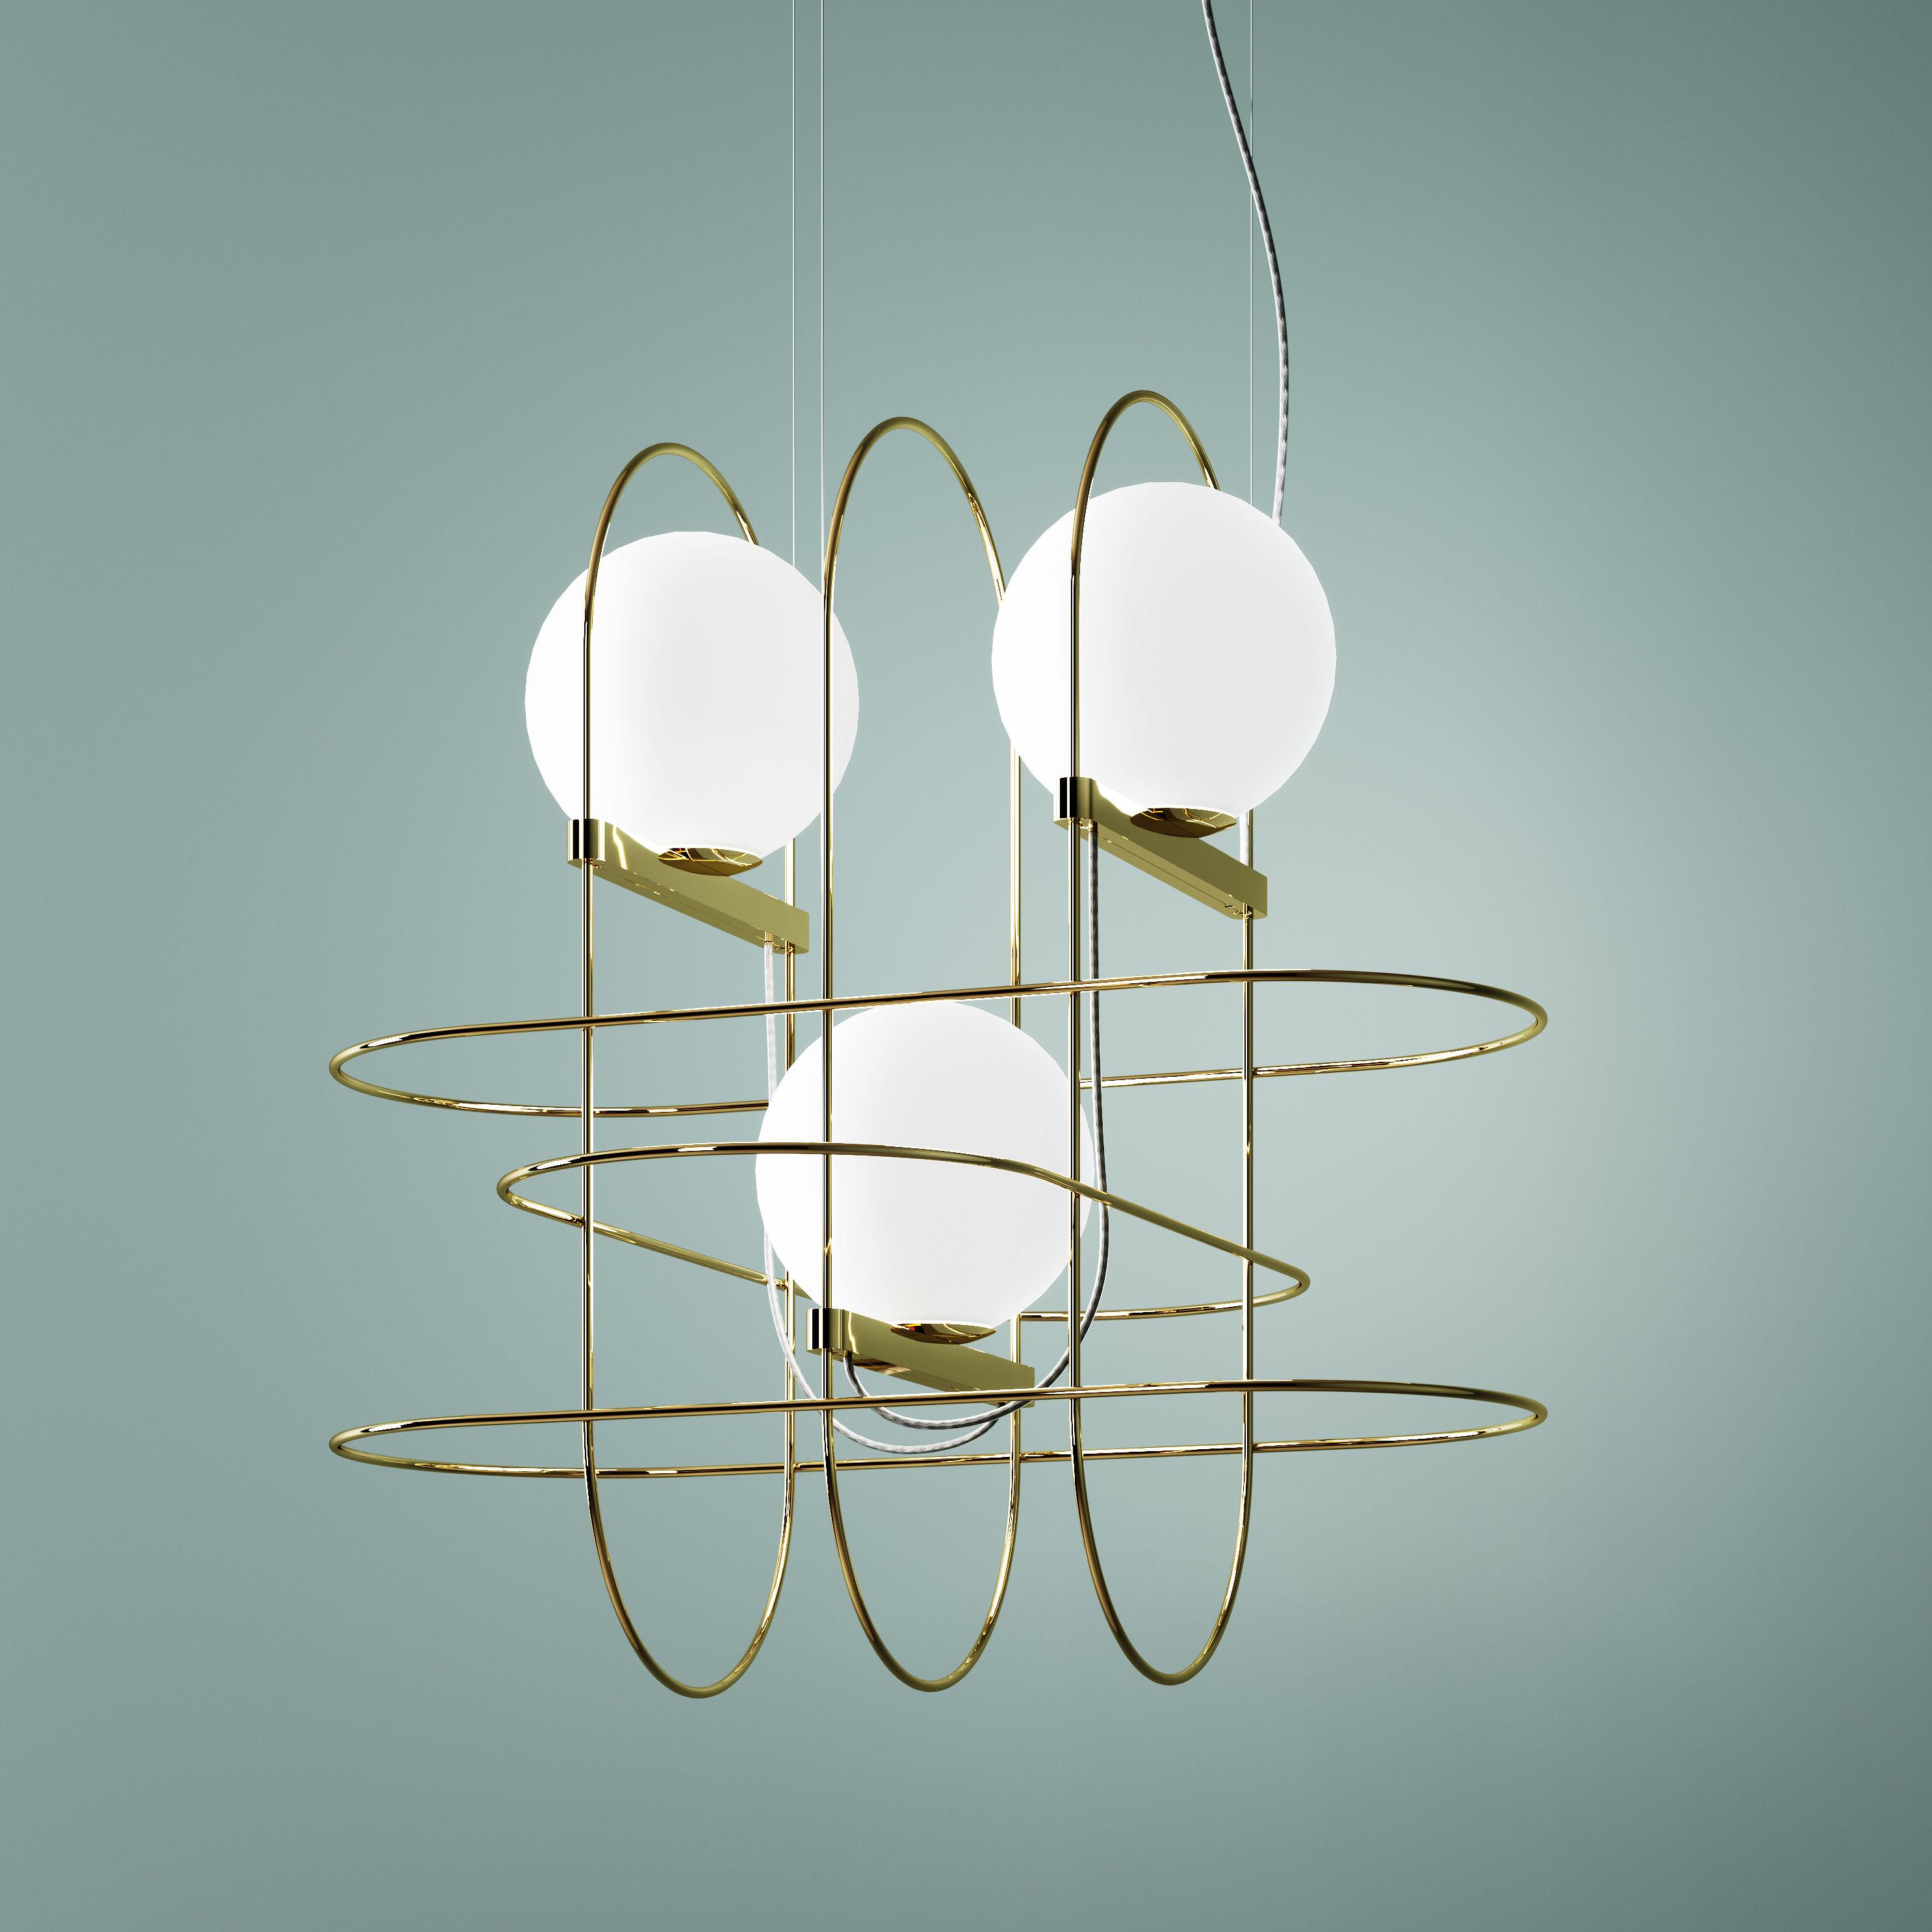 Illuminazione - Lampadari - Sospensione Setareh triple - / LED - Larg 45 x H 45 cm di Fontana Arte - Oro, bianco - Metallo, Vetro soffiato a bocca